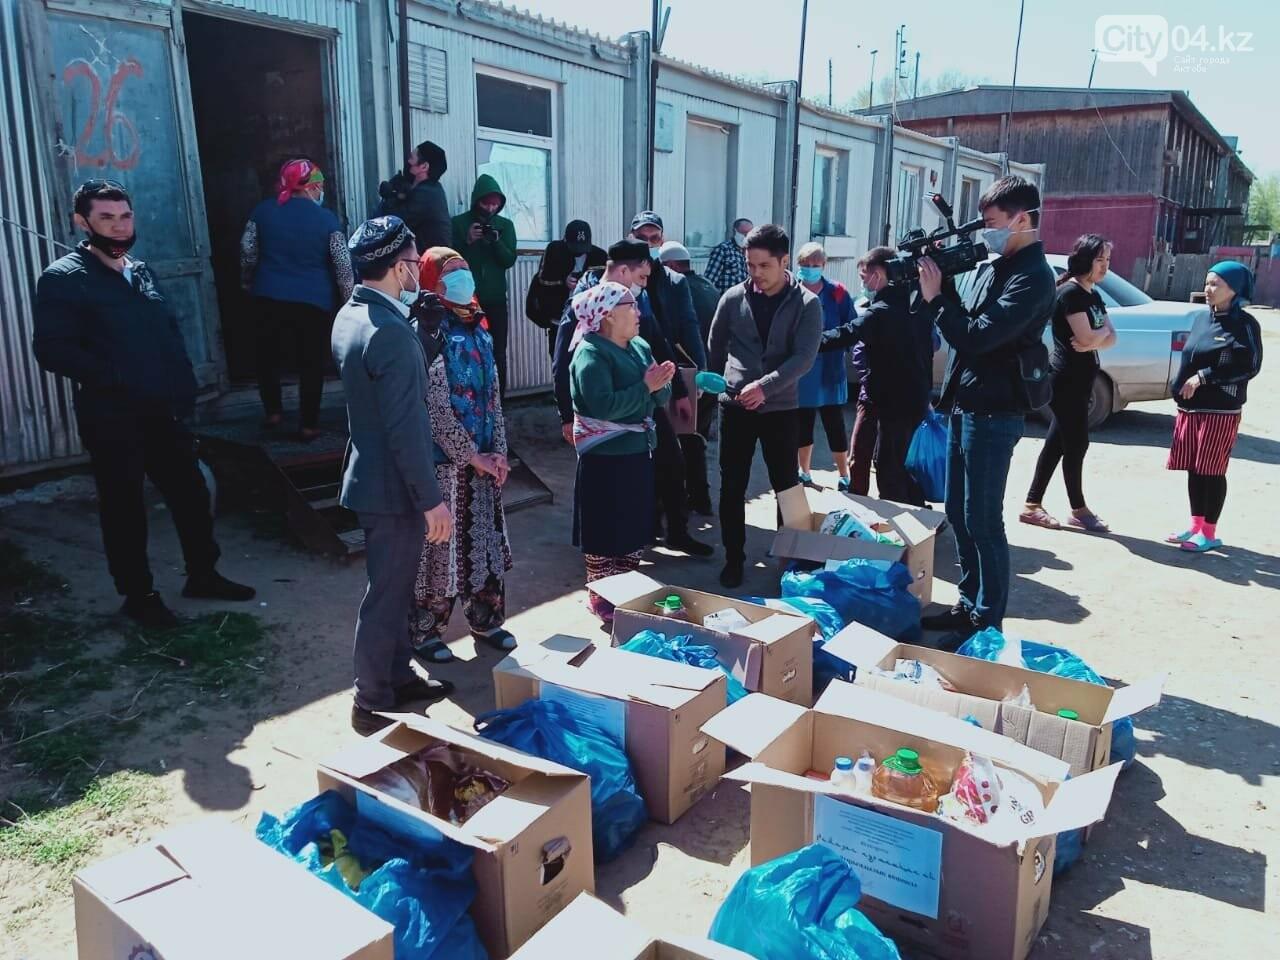 Актюбинские мечети раздают малоимущим поступившие от жамагата пожертвования, фото-1